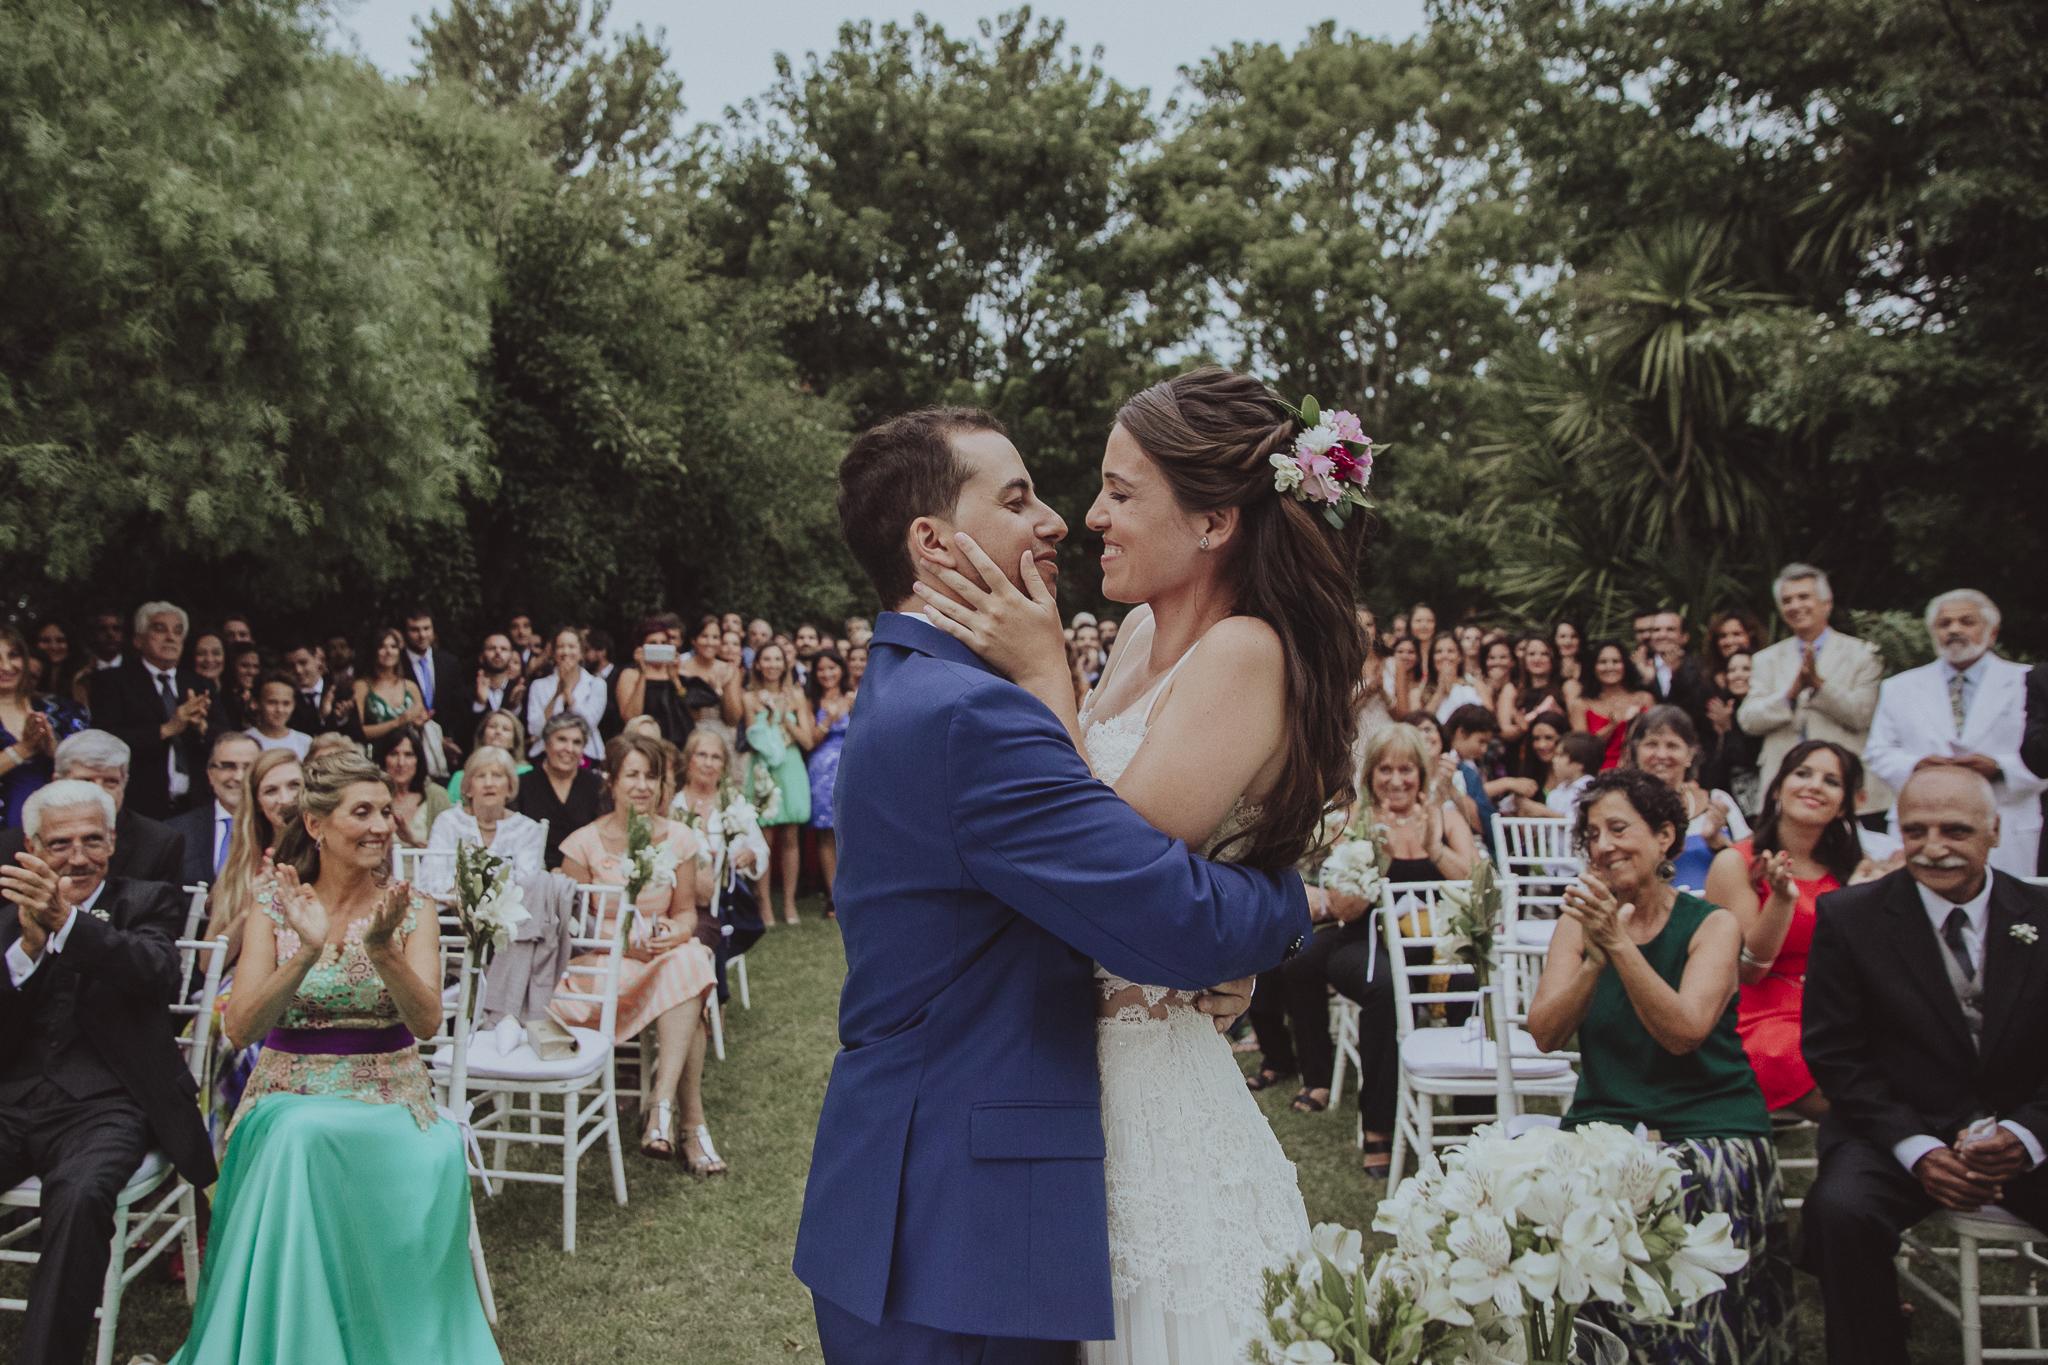 fotografo de boda en punta del este - uruguay - manye